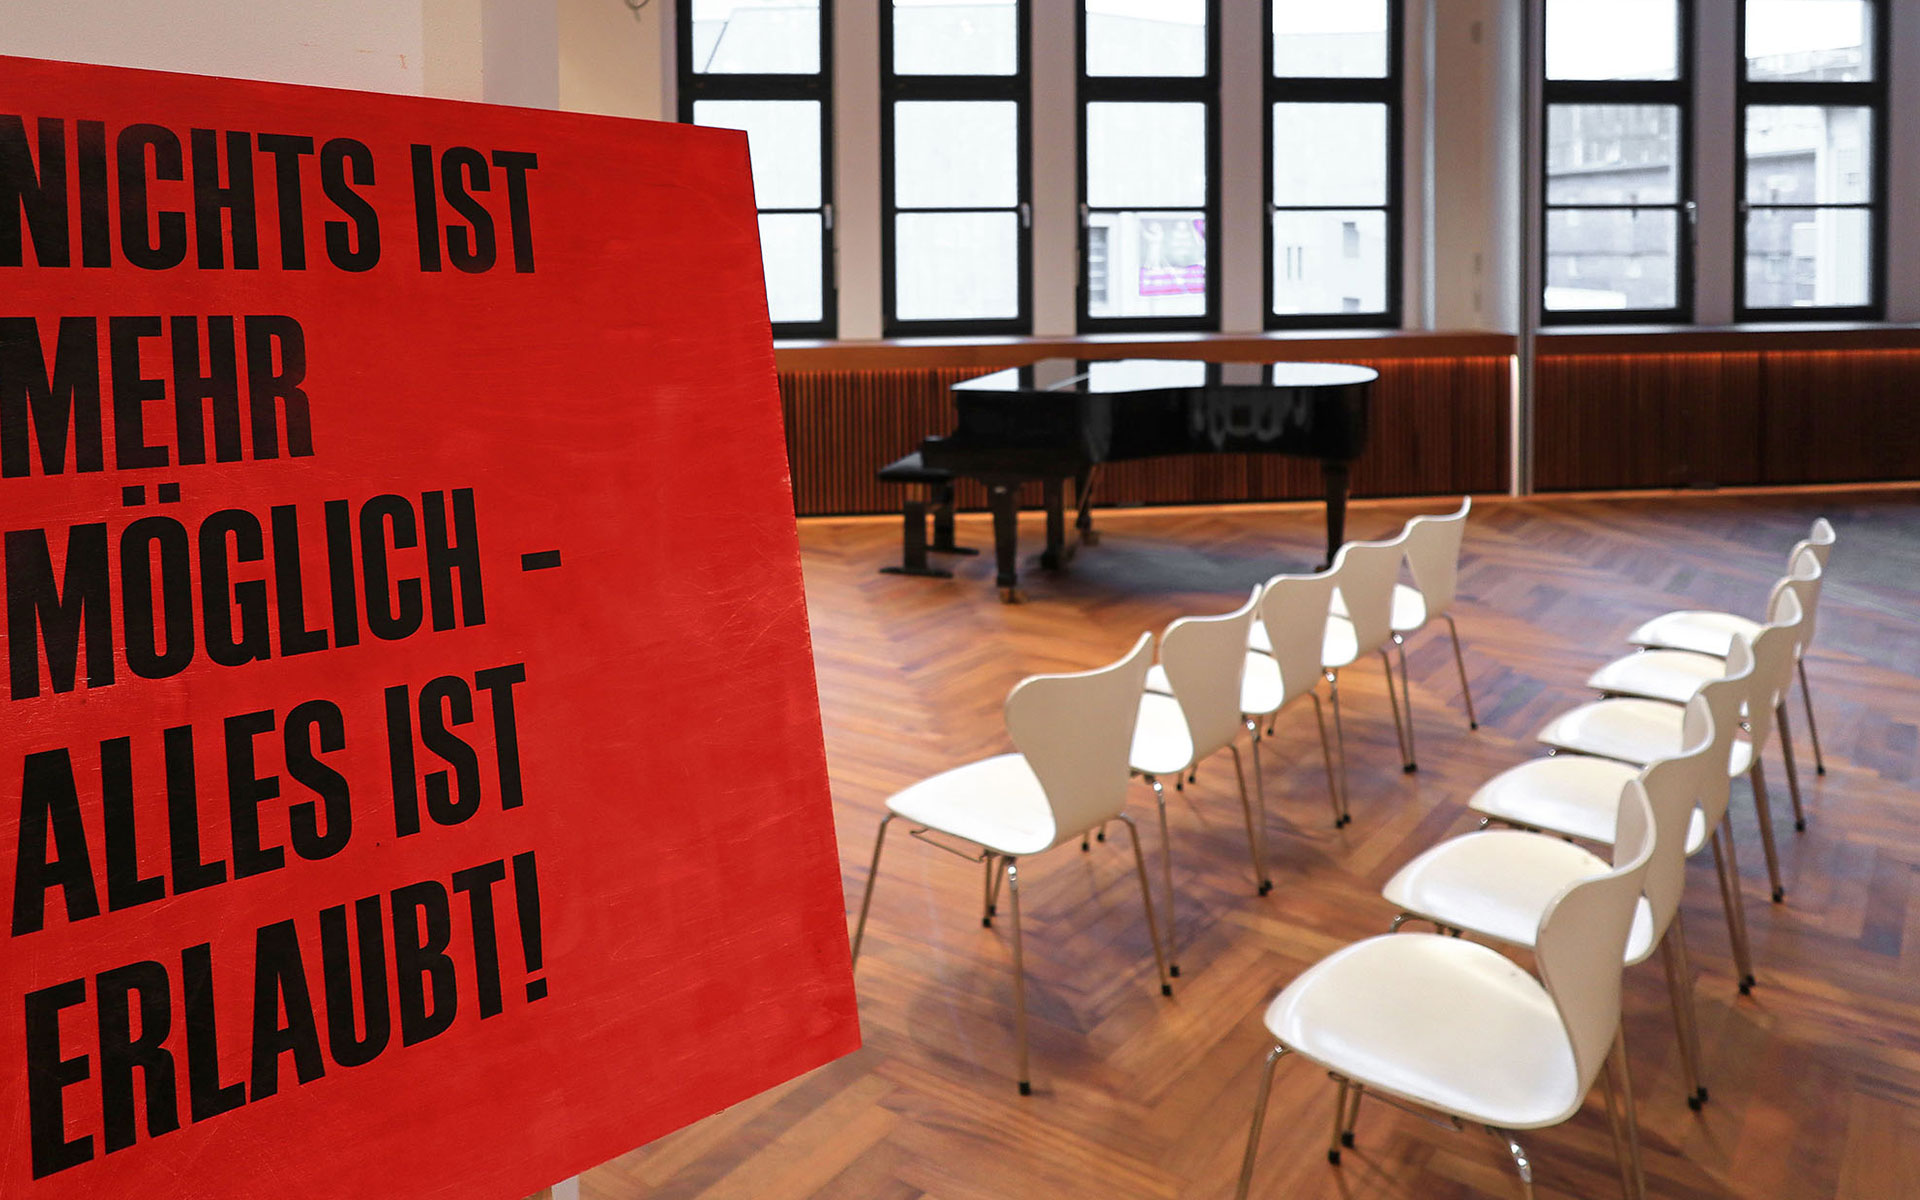 Dieter M. Gräf, Ulf Stolterfoht, Frank Witzel: Falsches Rot, Mittwoch, 24.10.18                      -                          Donnerstag, 31.01.19 <br/>(c) Literaturhaus Stuttgart